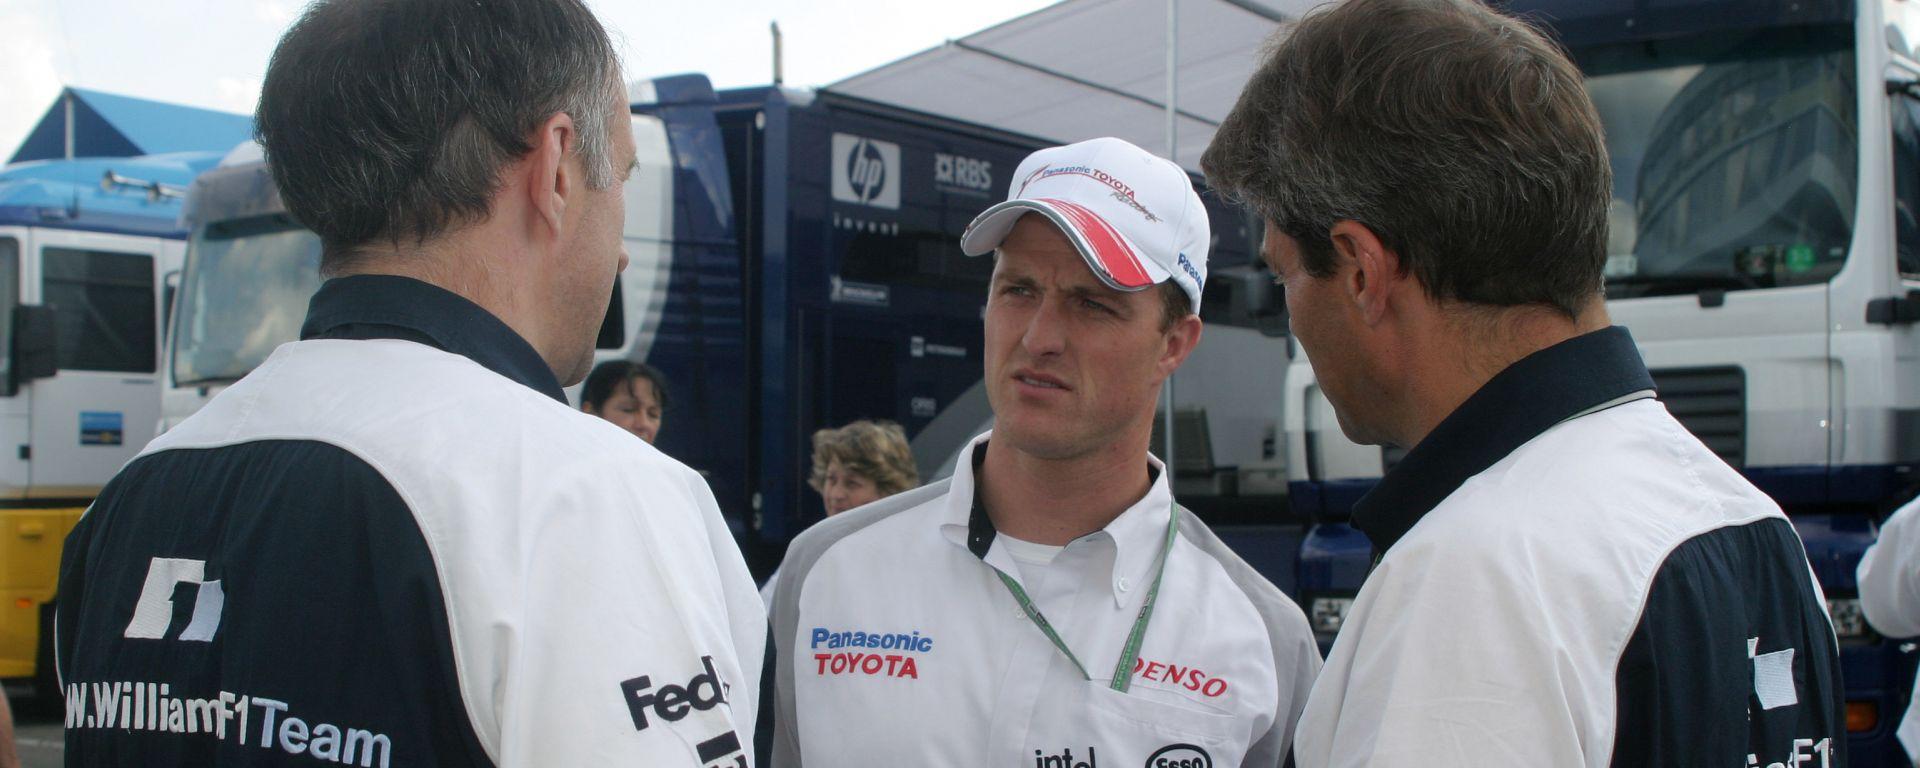 F1 2005: Ralf Schumacher (Toyota) a colloquio con degli ingegneri della Williams